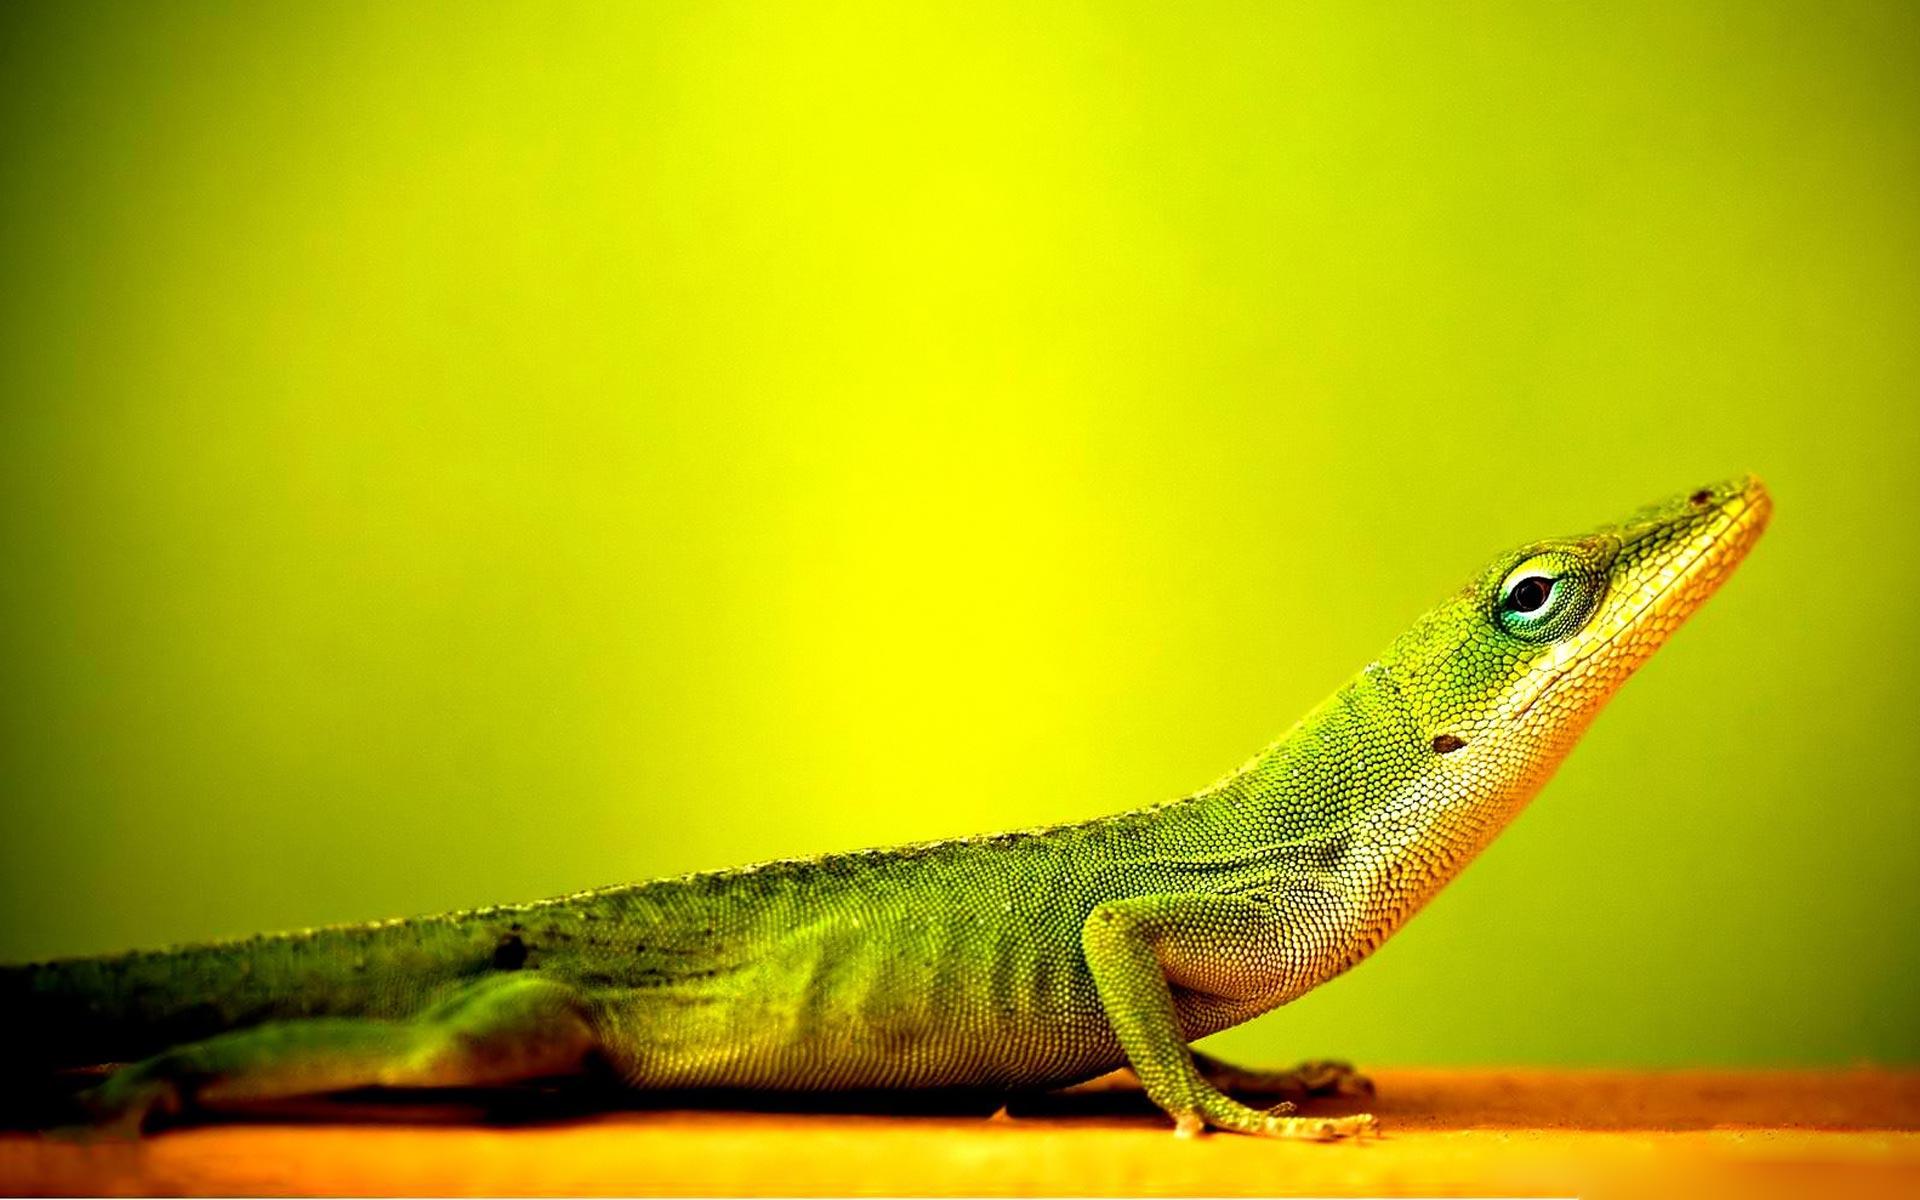 lizard wallpapers